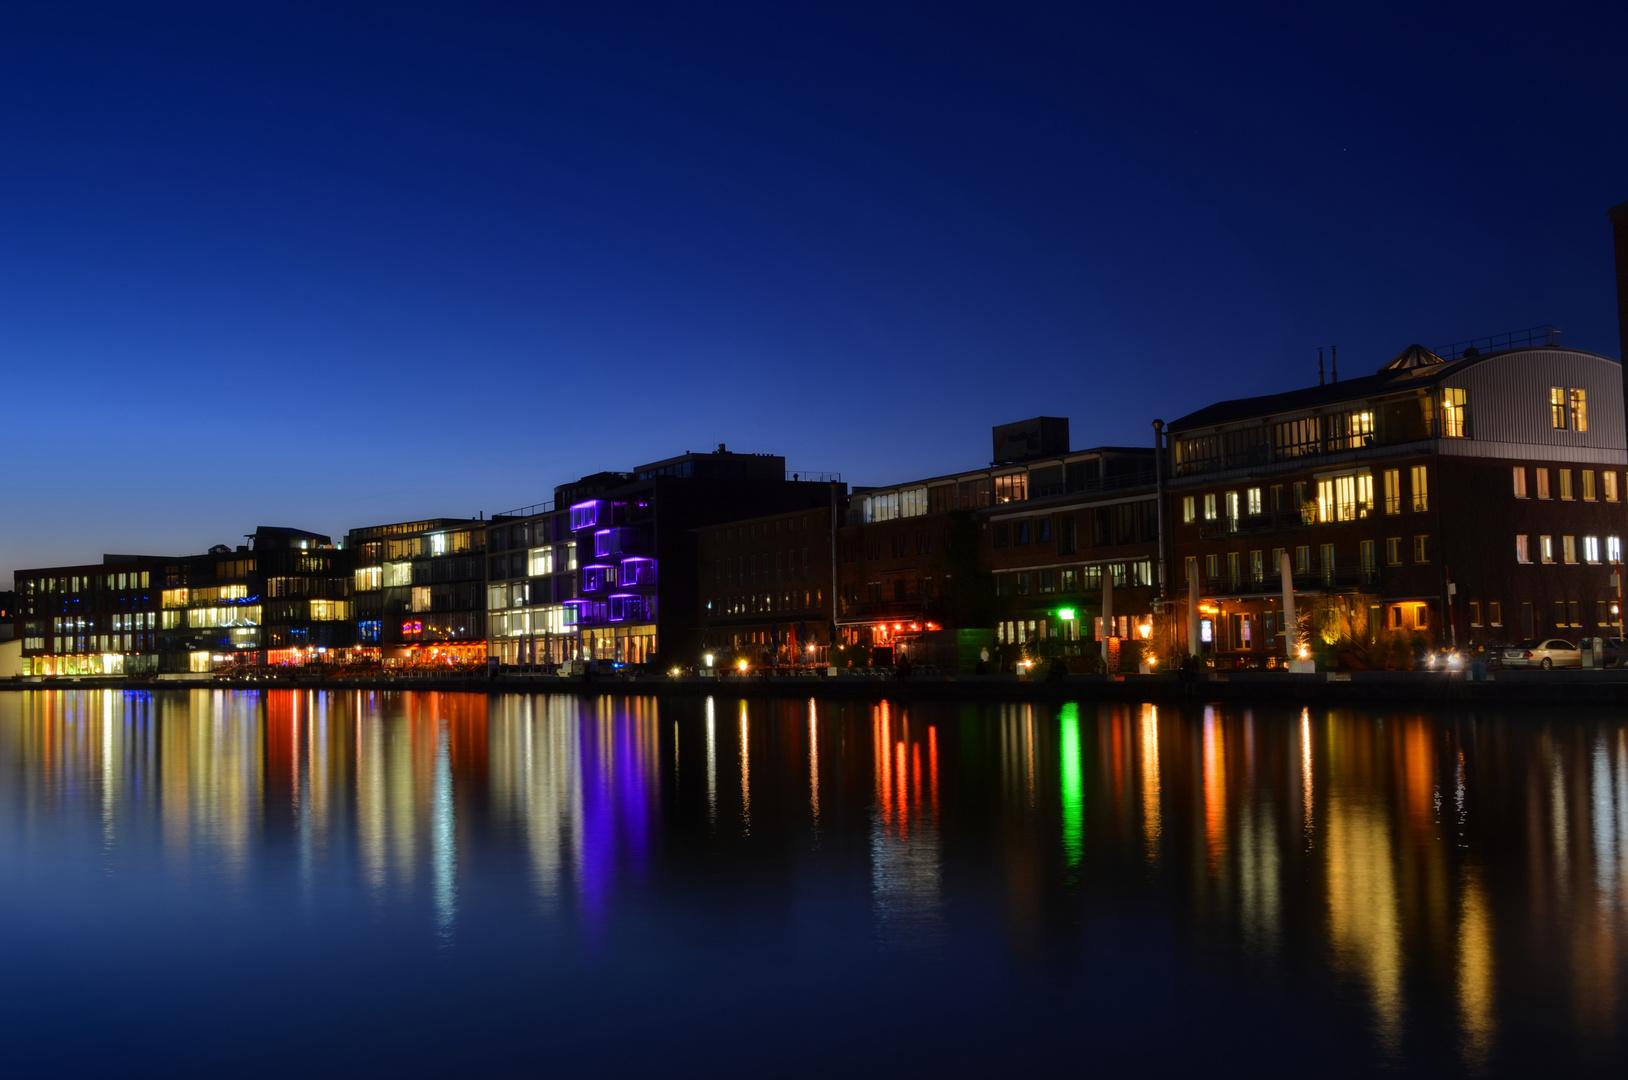 Hafenskyline Münster zur blauen Stunde